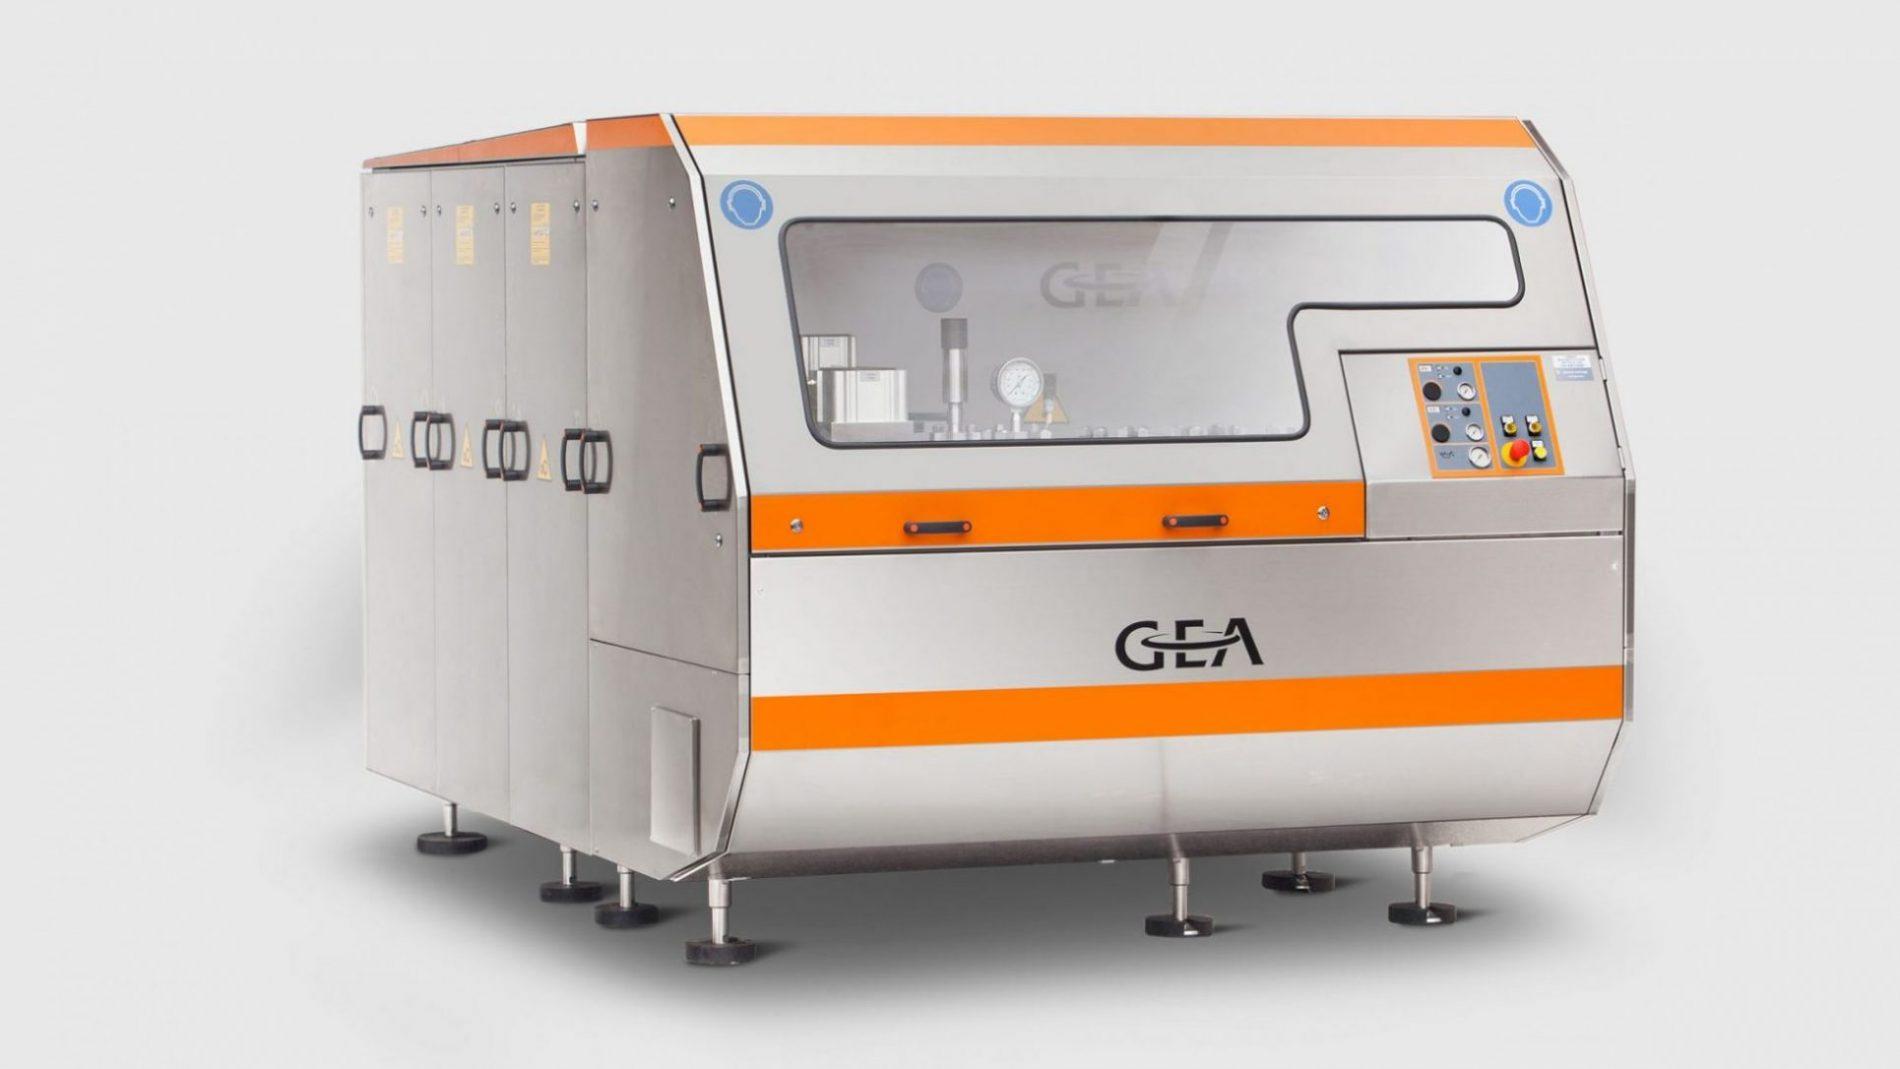 هموژنایزر - هموژنایزر صنعتی - هموژنایزر صنعت غذا - هموژنایزر صنعت دارو - هموژنیزاسیون - هموژنیزاسیون شیر - هموژنیزاسیون محصولات لبنی - هموژنیزاسیون آبمیوه - GEA - Ariete Homogenizer 5400 - homogenizer -